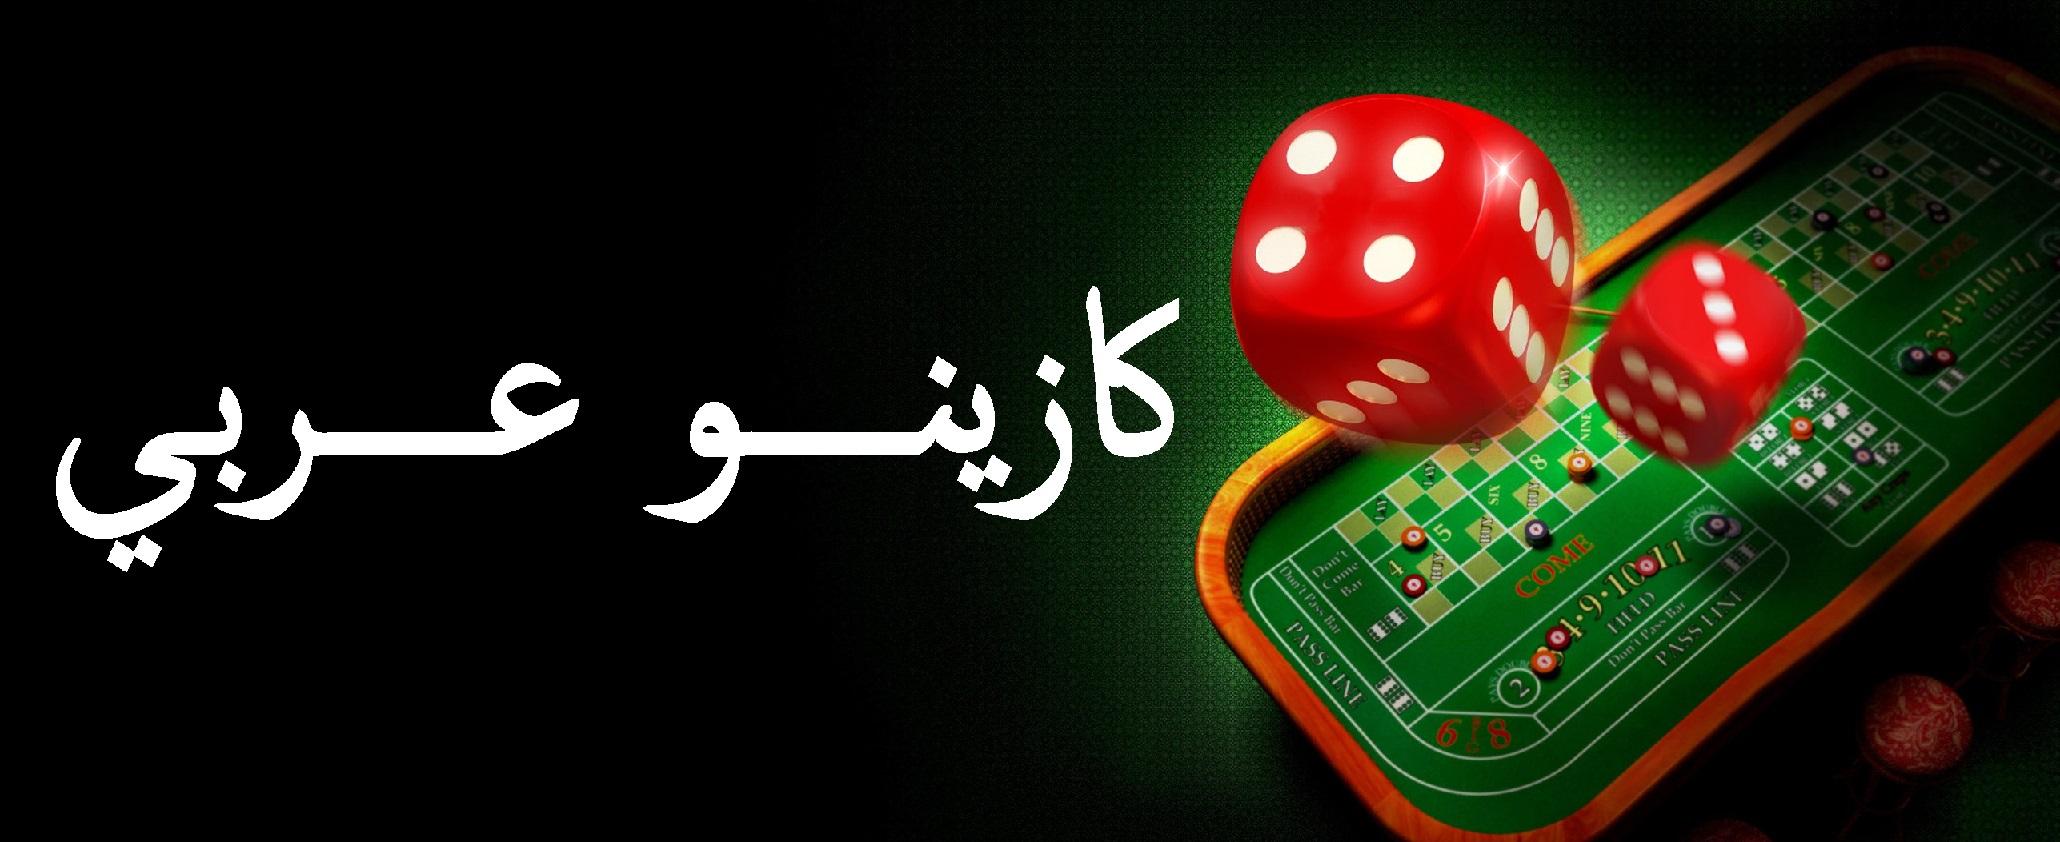 لعبة قمار للاندرويد - 50464